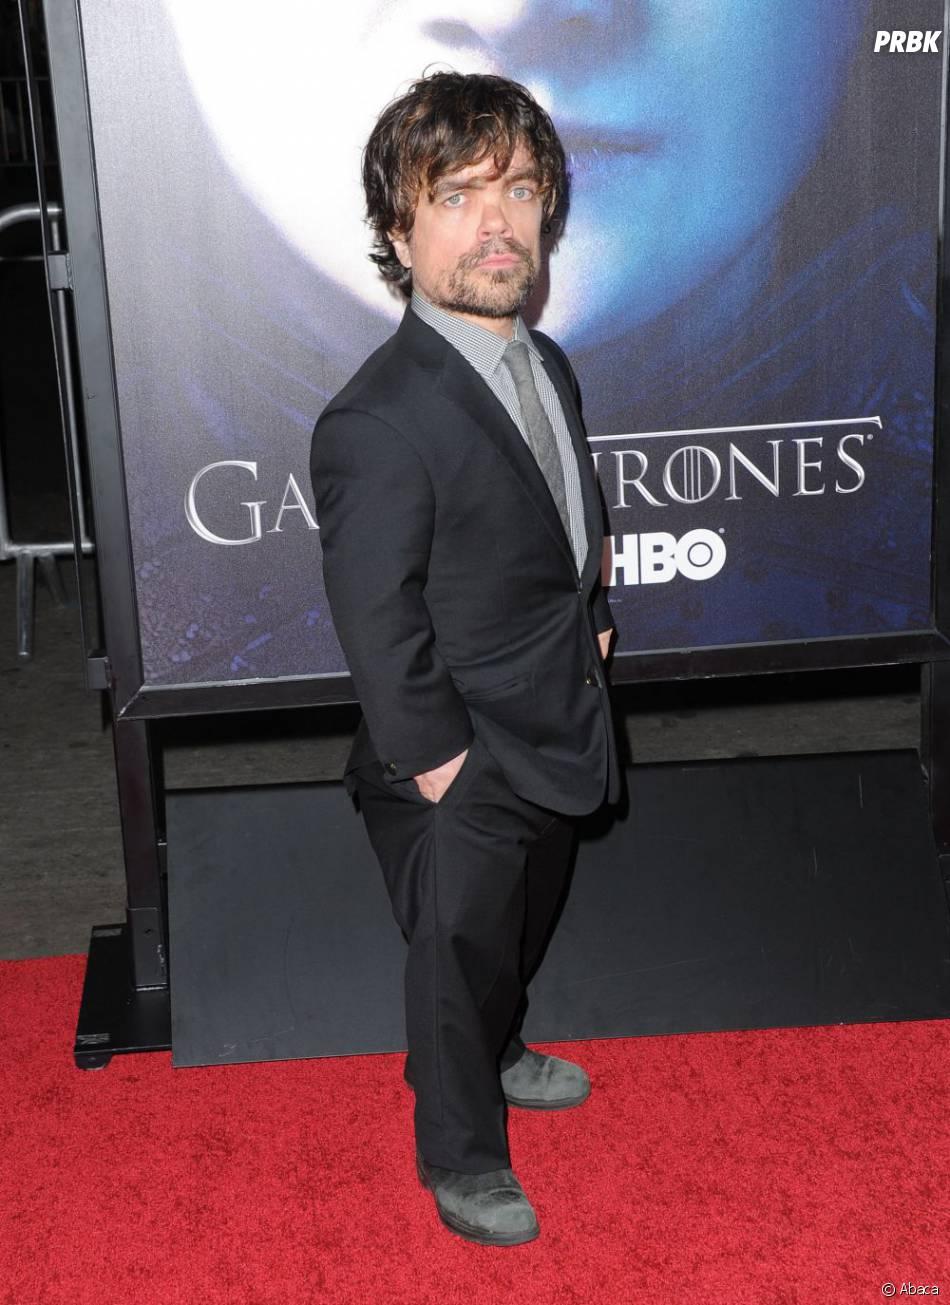 Peter Dinklage a gagné beaucoup d'argent grâce à son rôle dans Game of Thrones